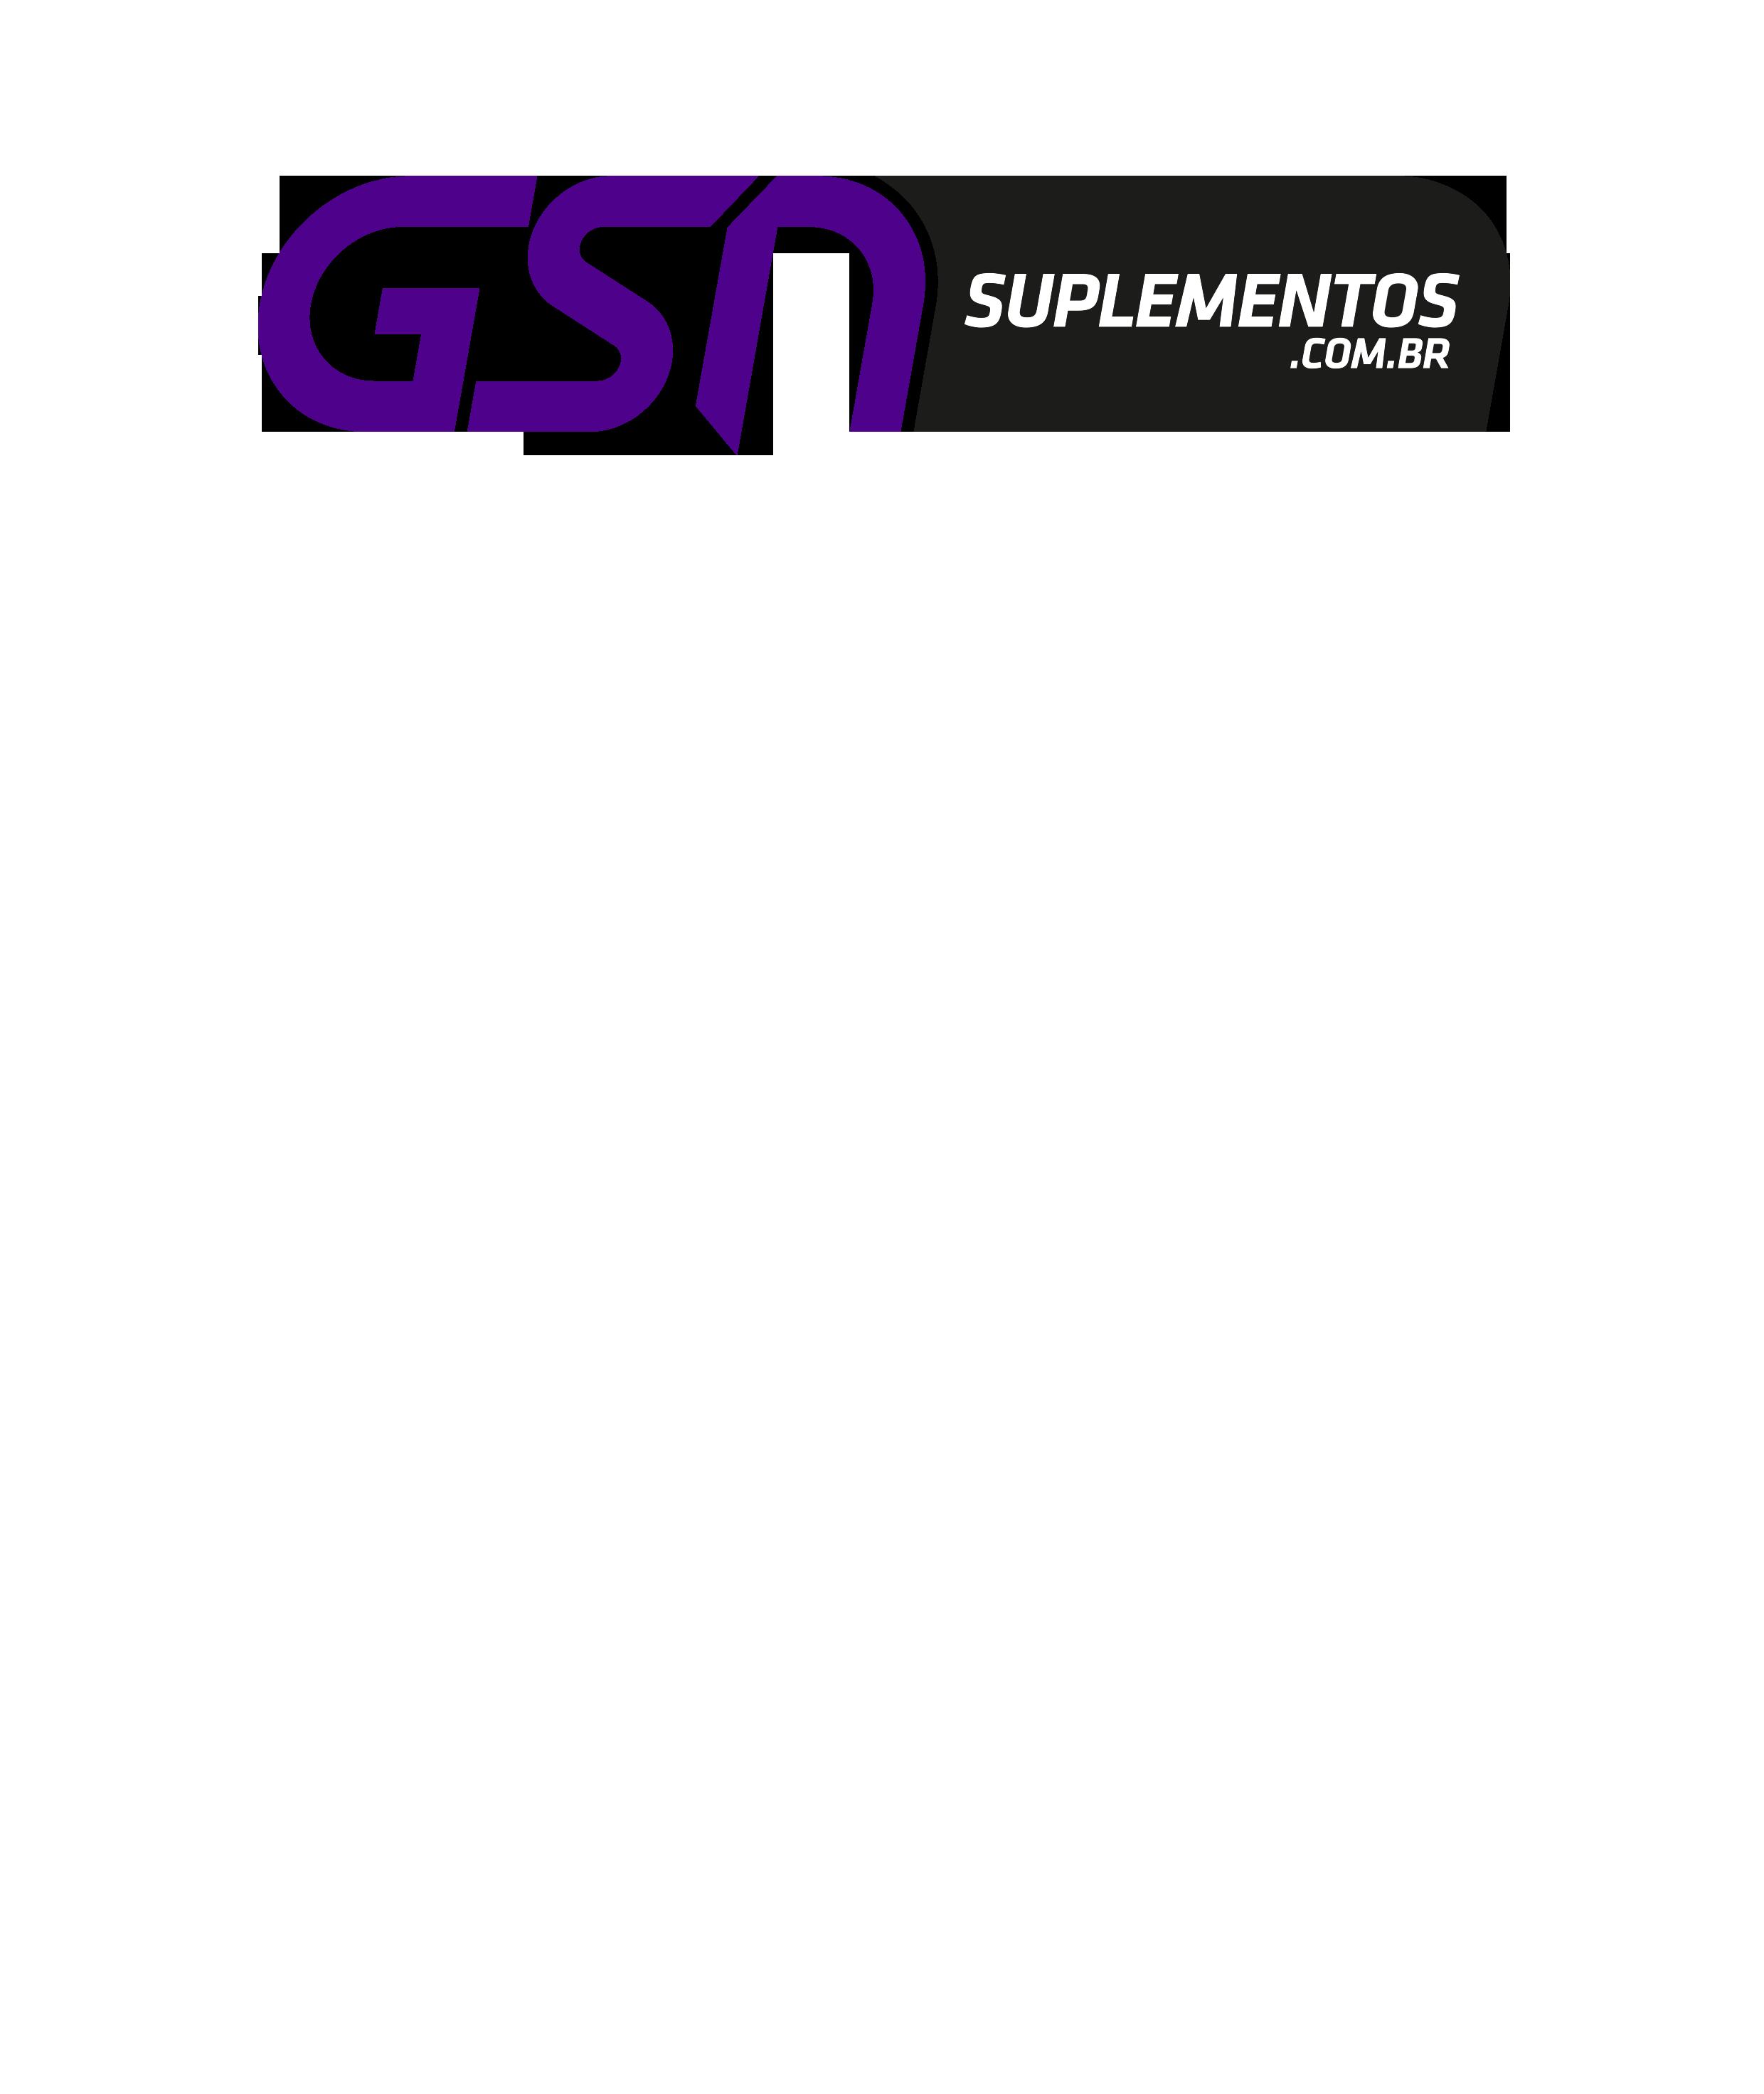 Suplemento Alimentar | GSN Suplementos